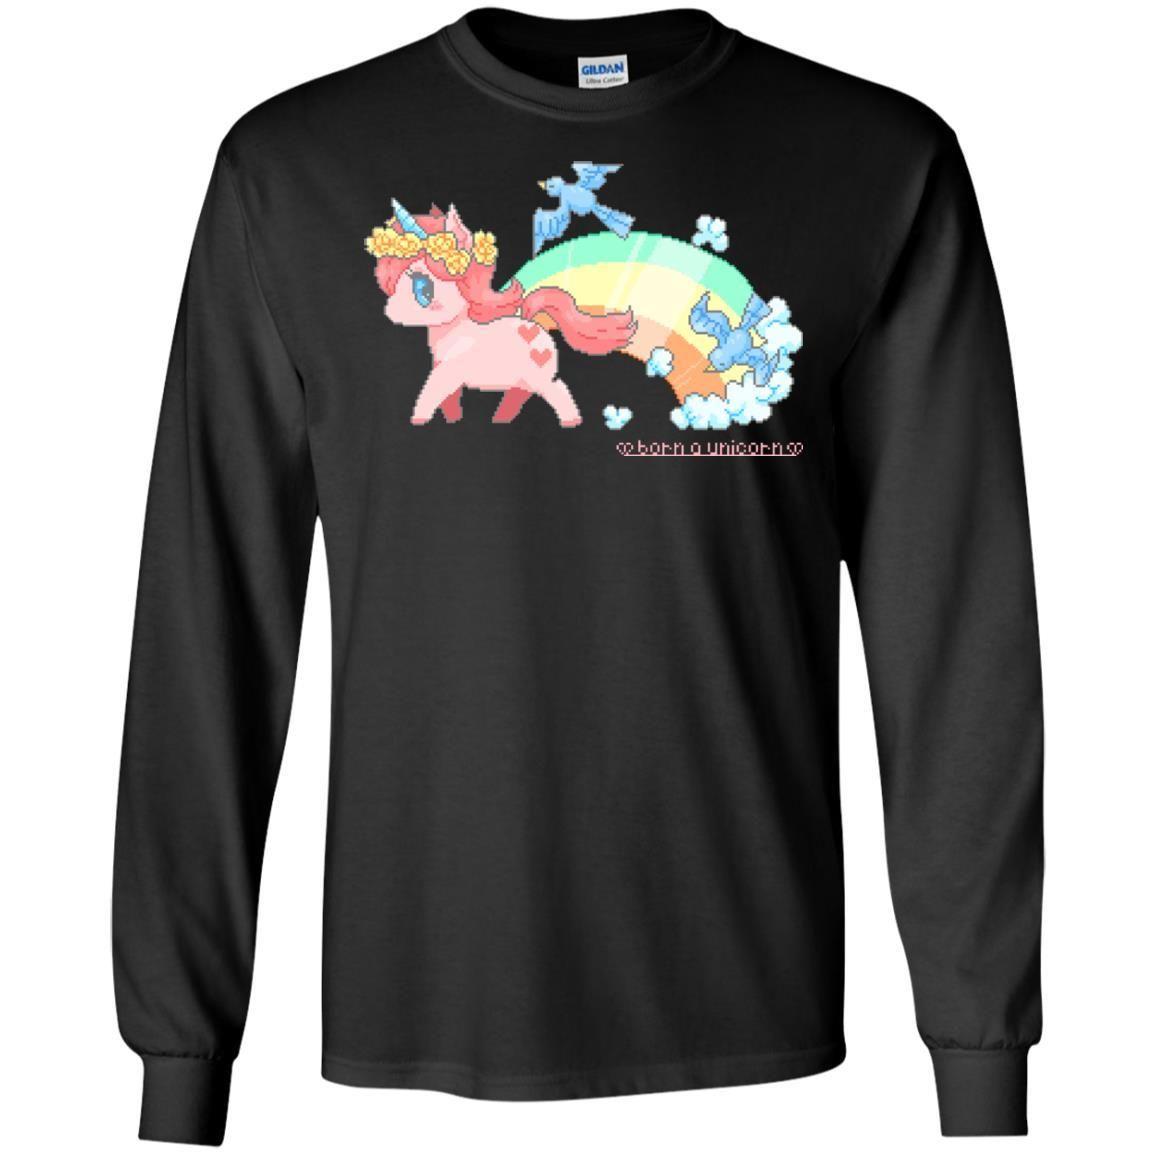 Born A Unicorn Shirt